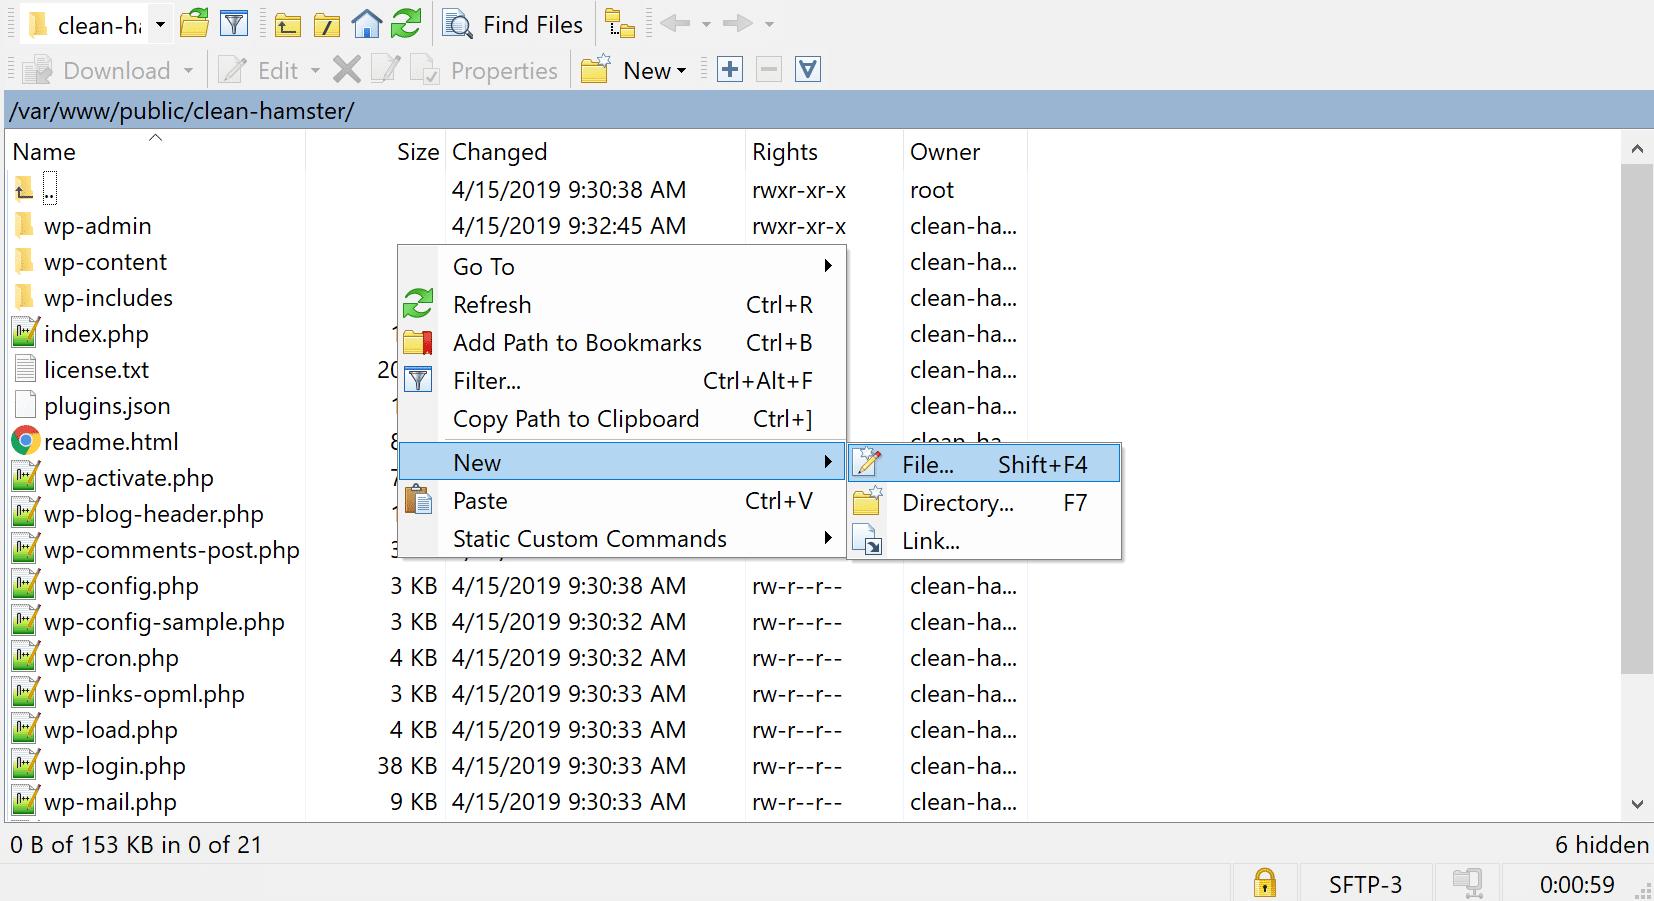 So erstellst du eine neue php.ini-Datei